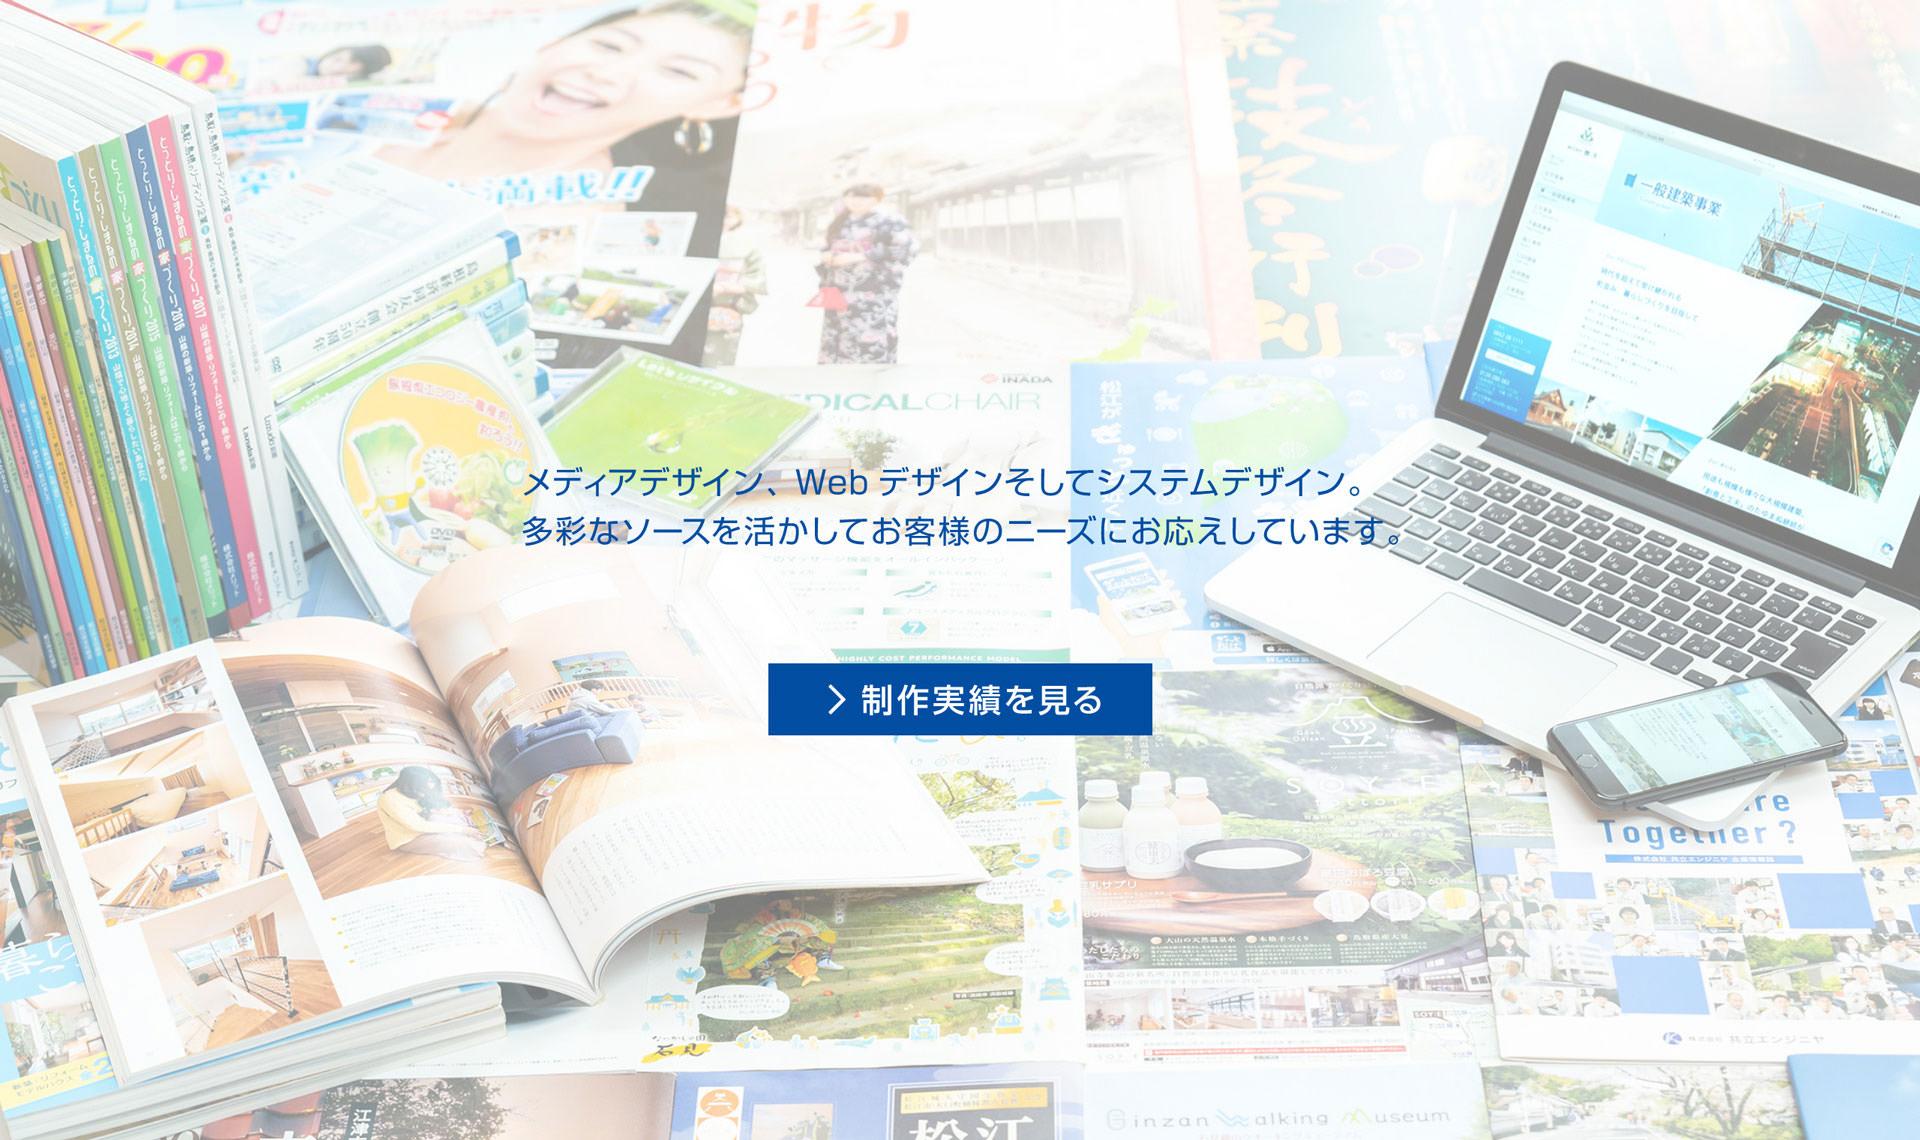 メディアデザイン、Webデザインそしてシステムデザイン。多彩なソースを活かしてお客様のニーズにお応えしています。